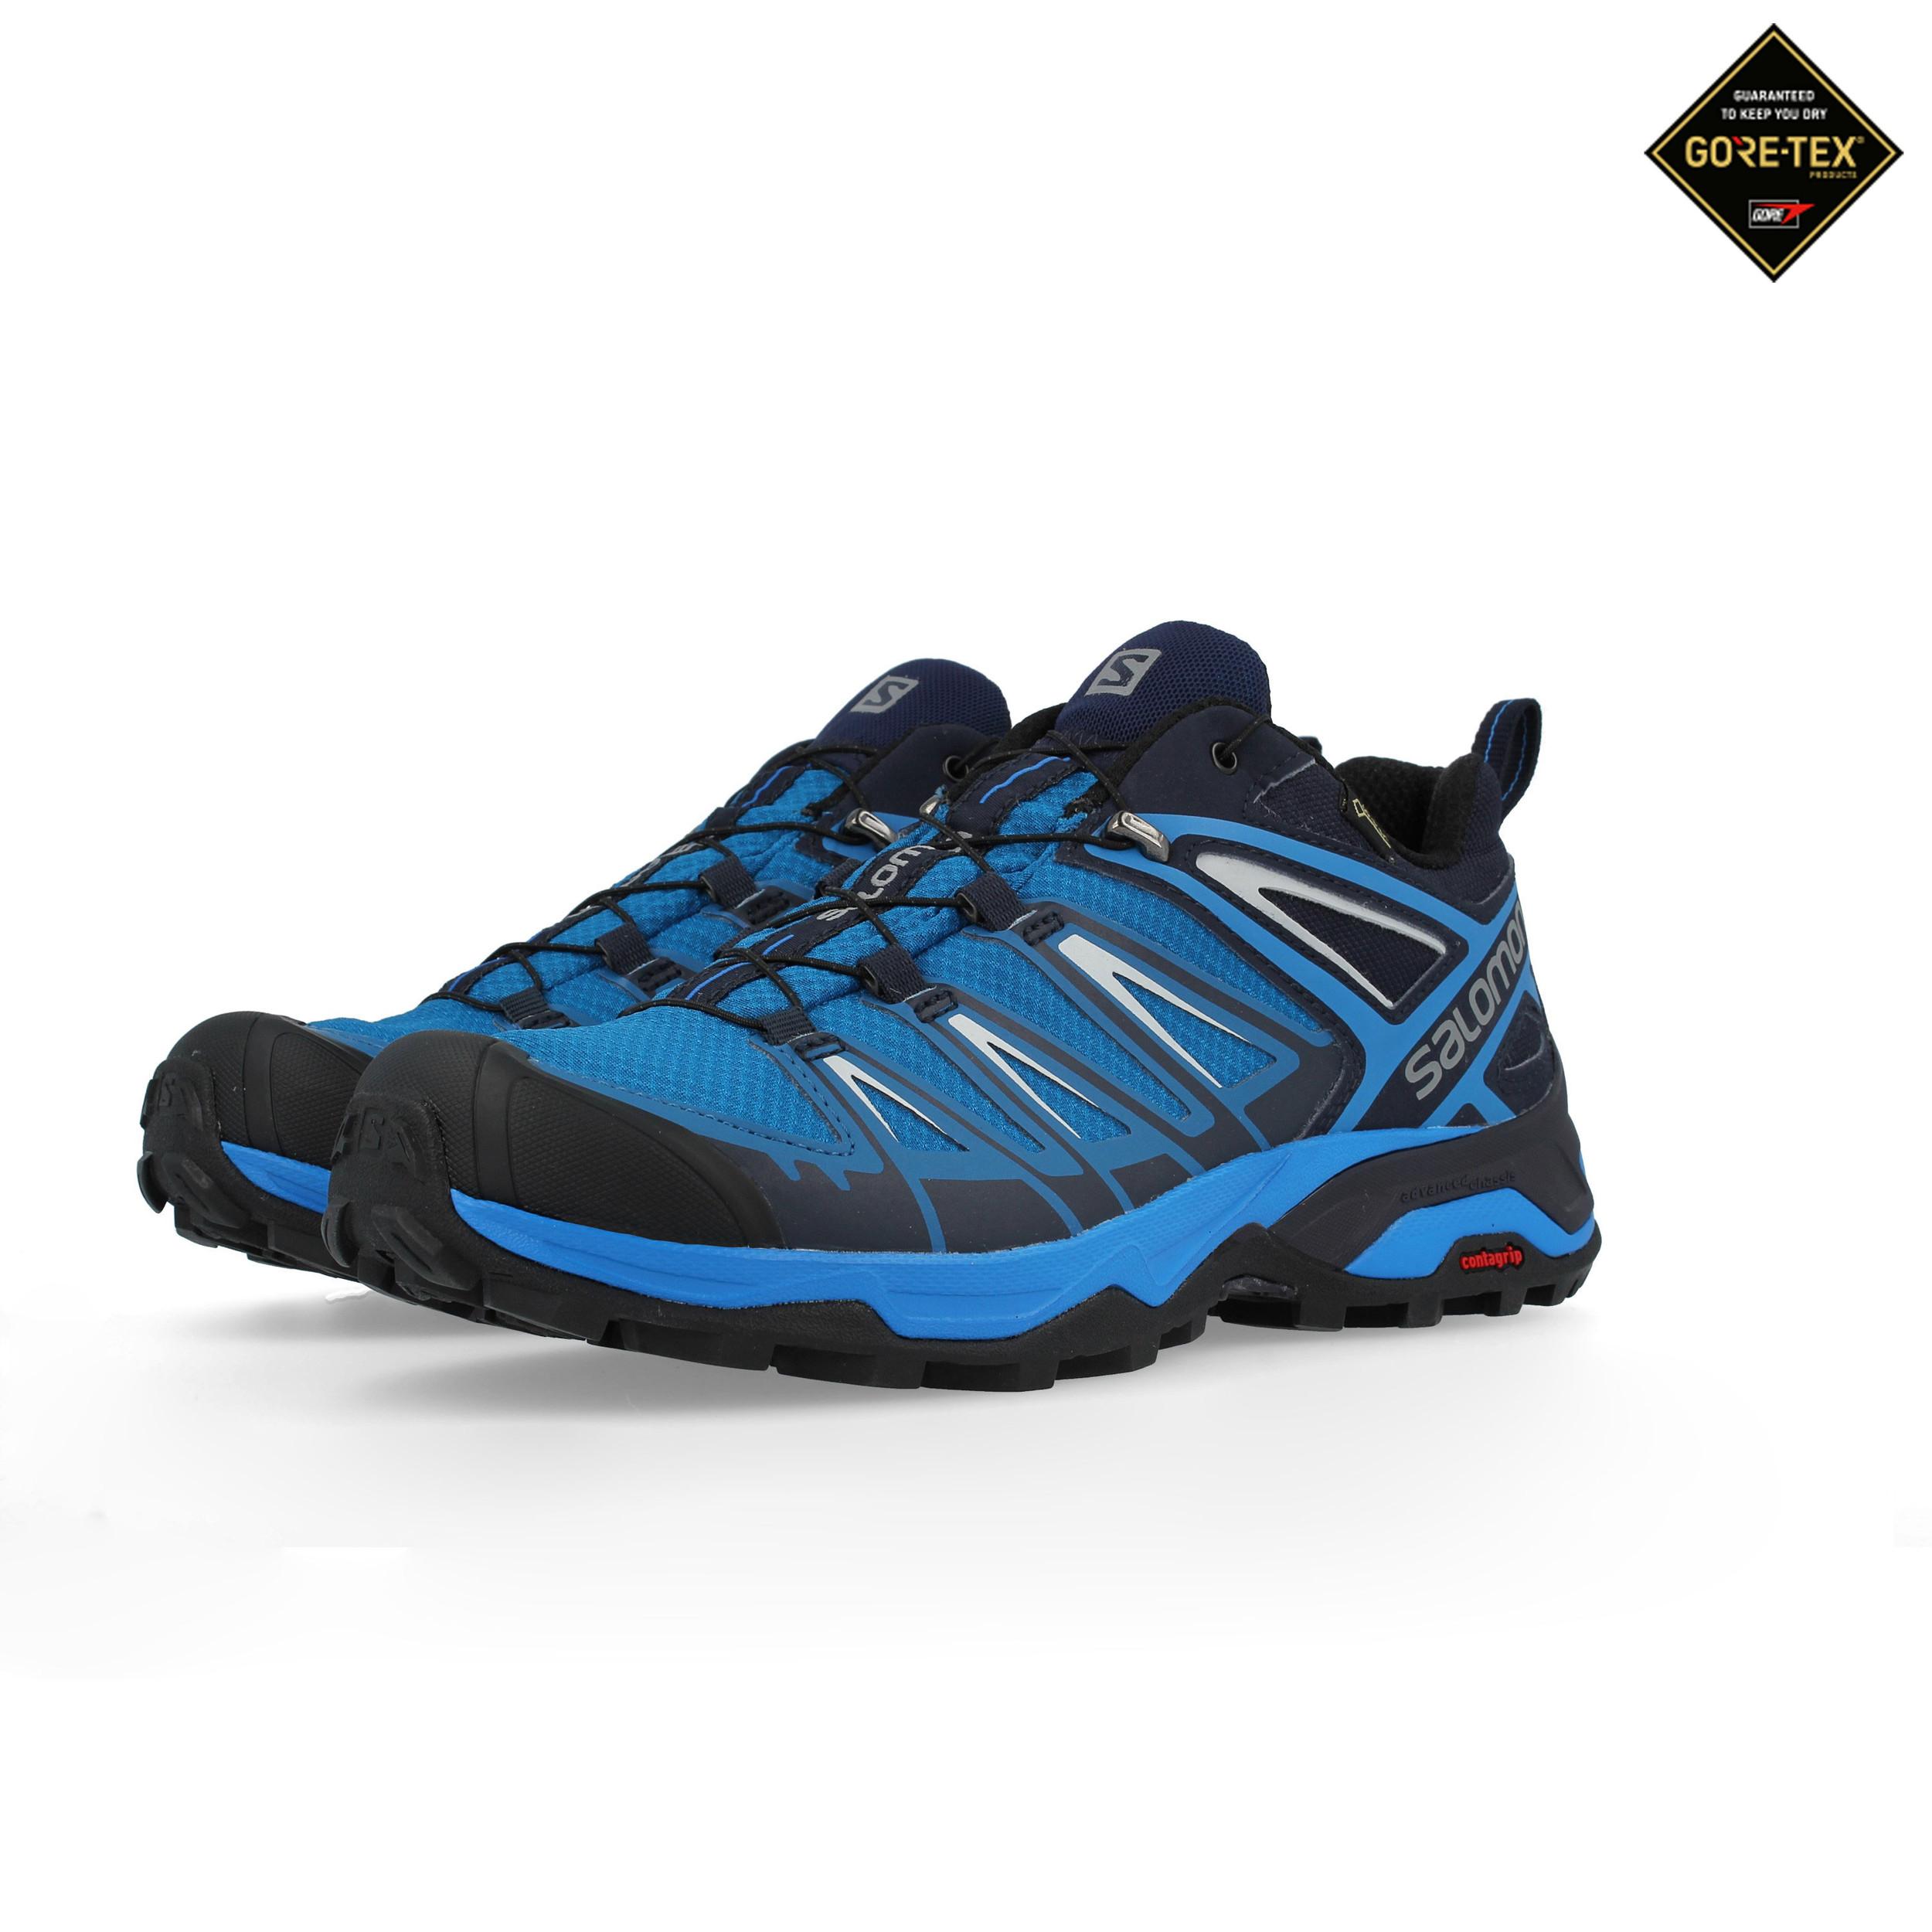 nouvelle arrivee 81fe8 408b4 Détails sur Salomon Femmes X Ultra 3 Gore-Tex Chaussure Marche Randonnée  Bleu Sport Baskets